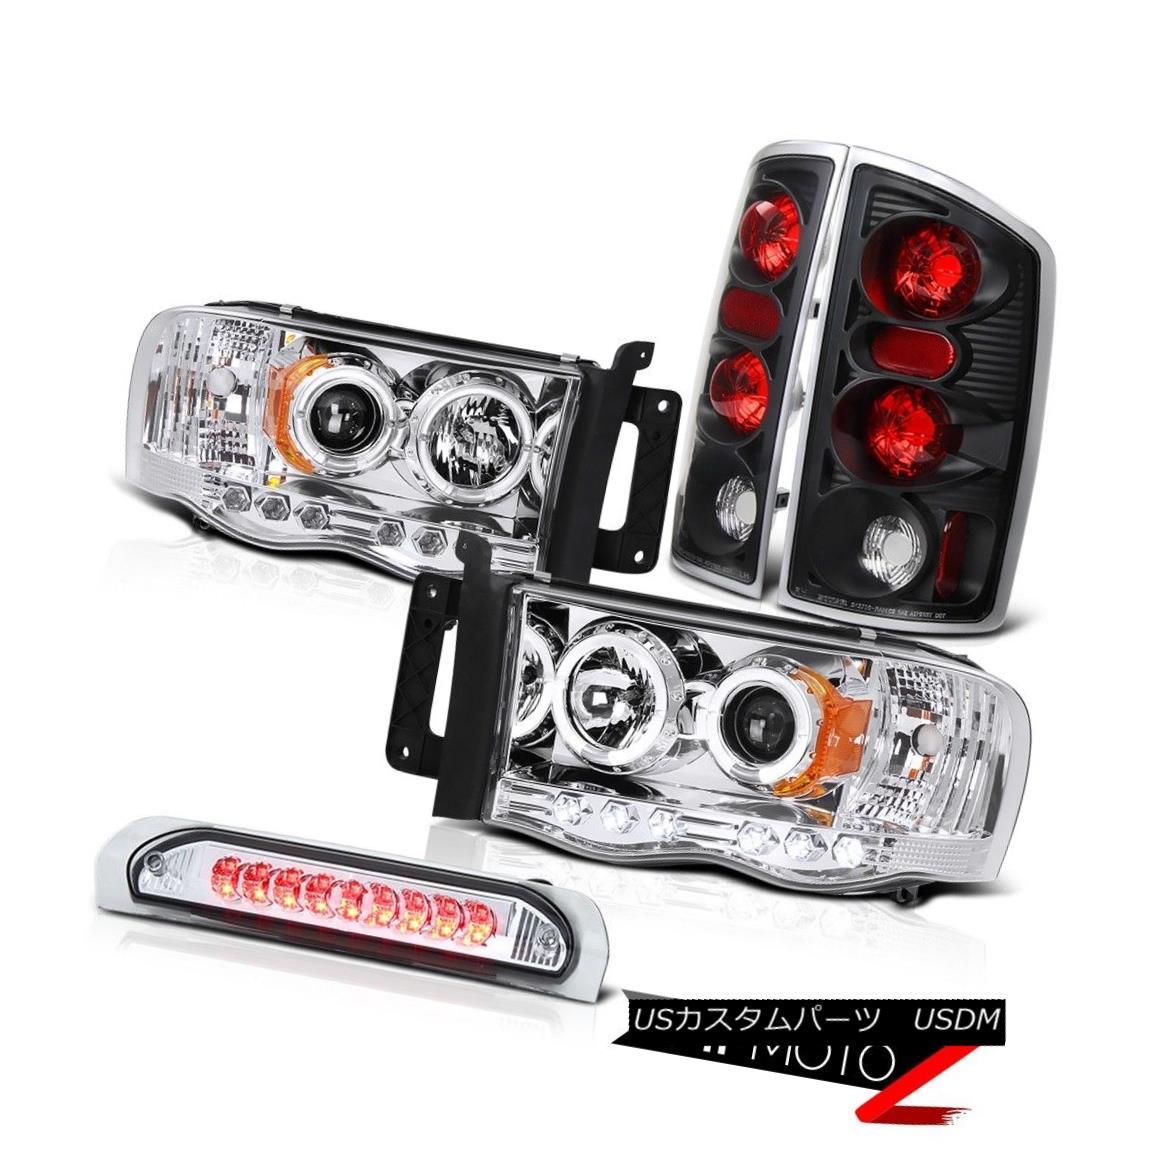 テールライト 02-05 Dodge RAM Halo Projector Headlight+Black Tail Light+Chrome 3rd Brake Lamp 02-05ドッジRAMハロープロジェクターヘッドライト+ブラック kテールライト+クローム第3ブレーキランプ